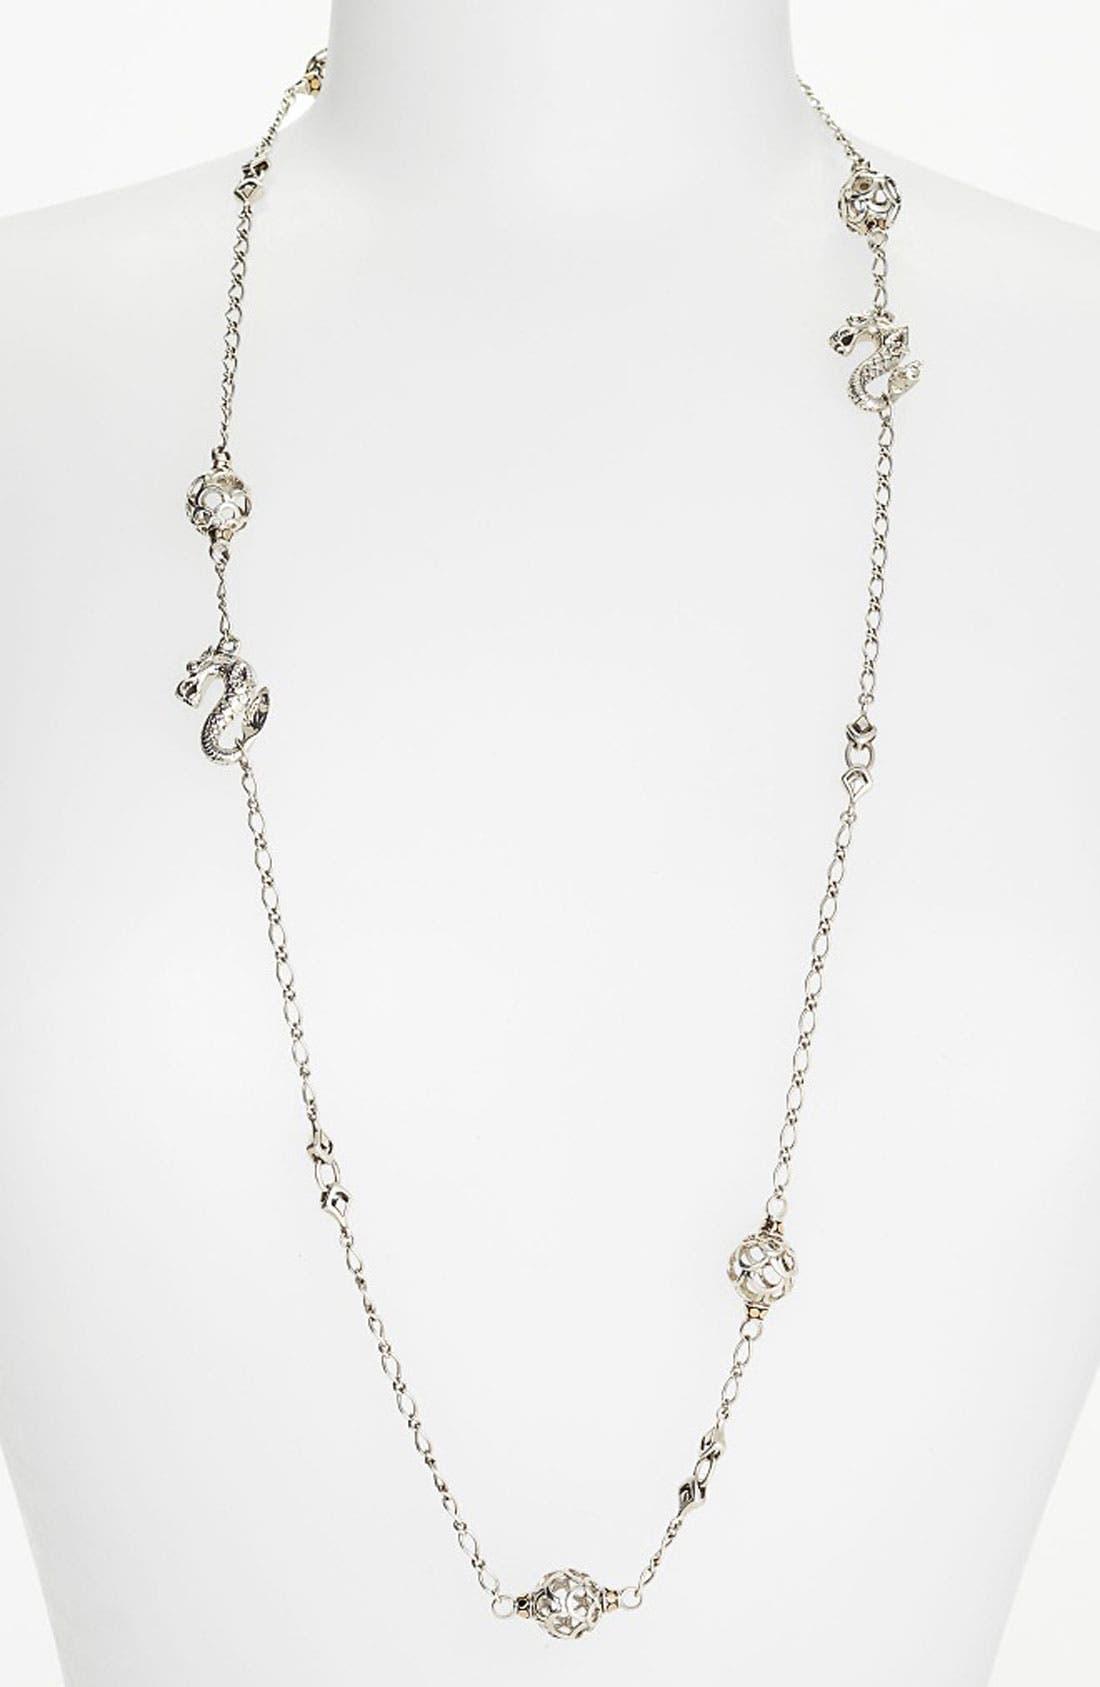 Alternate Image 1 Selected - John Hardy 'Naga' Long Sautoir Necklace